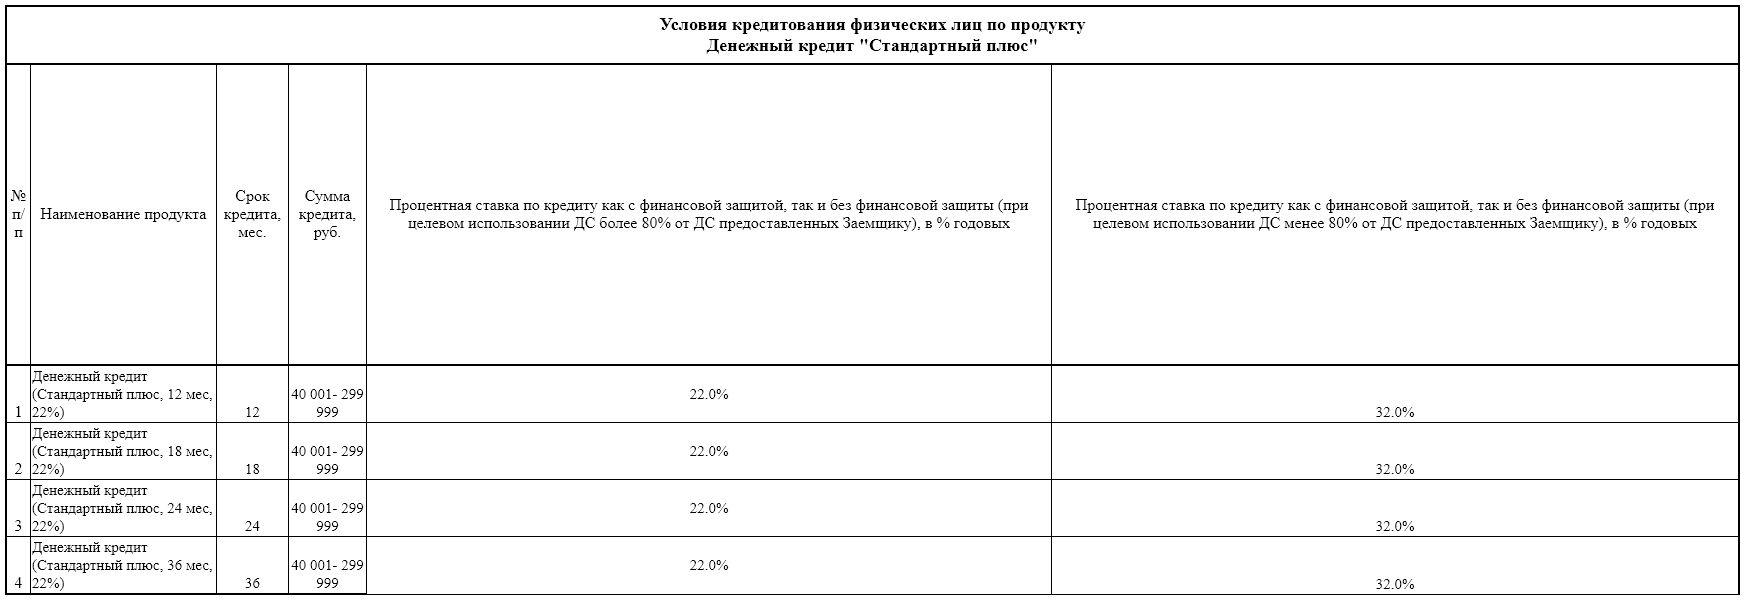 Проценты по кредиту Стандартный плюс в Совкомбанке